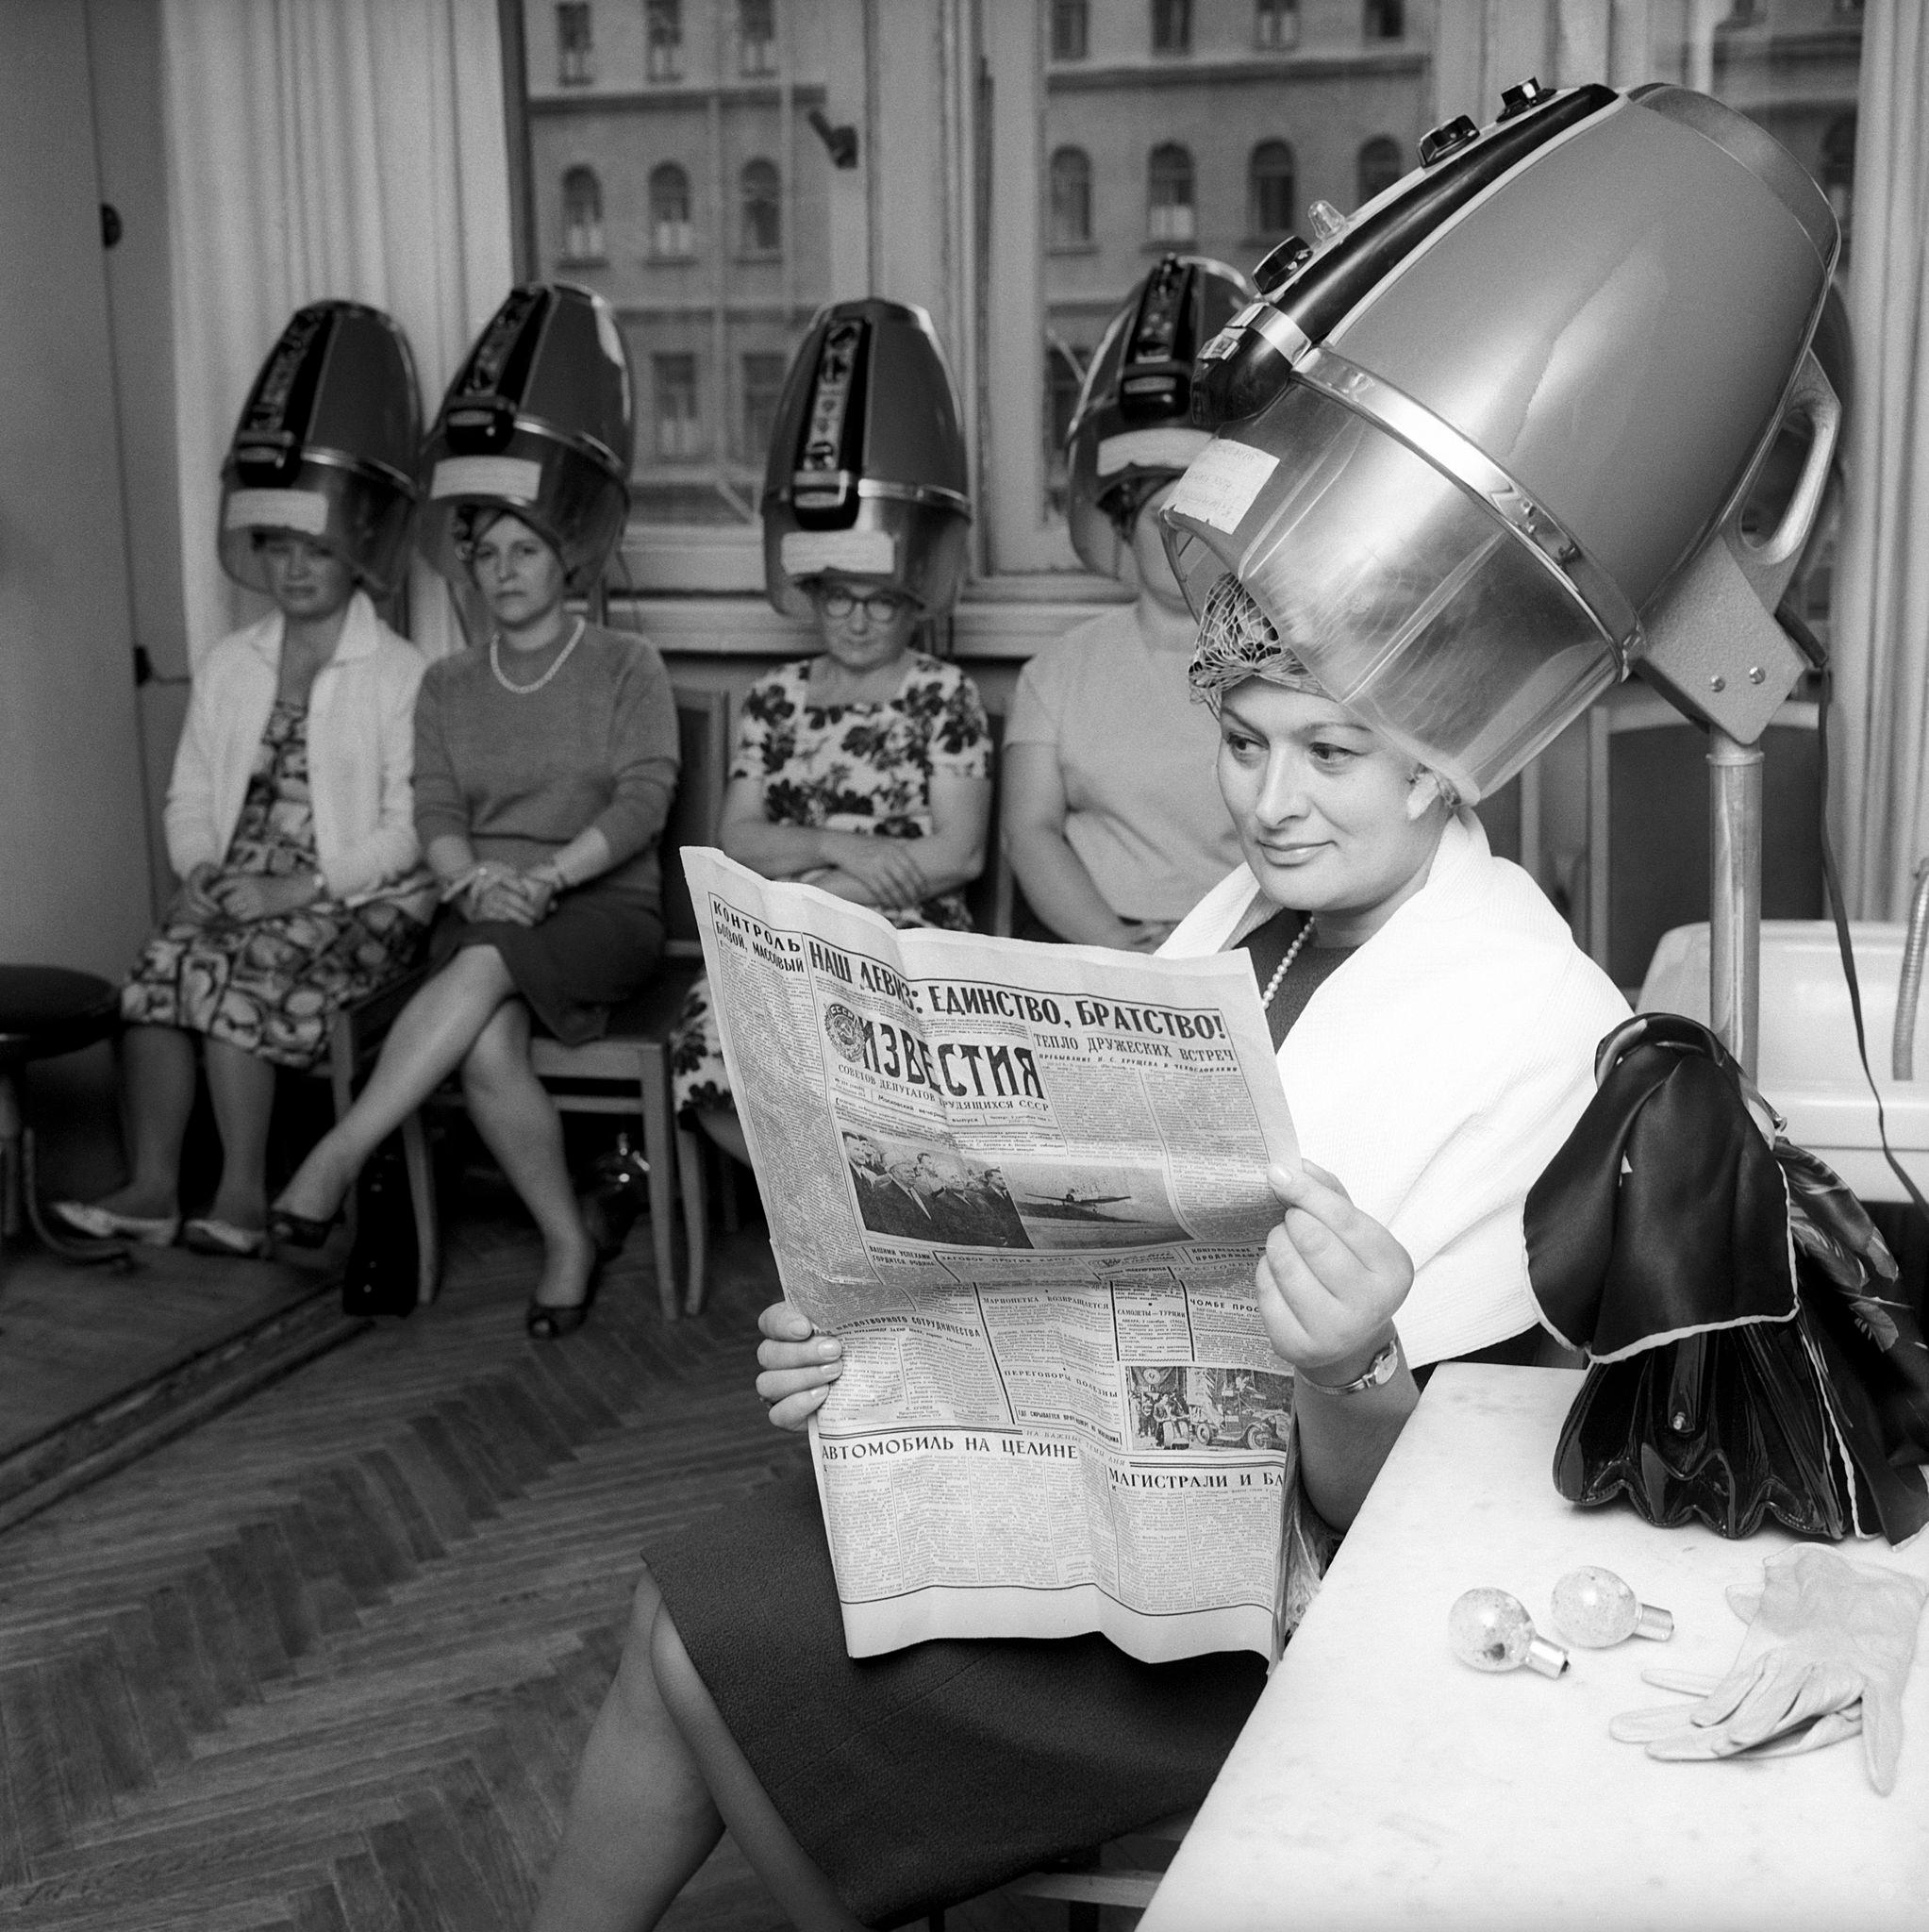 Волосы Эдды Винчензи устраиваются, прежде чем она выйдет на сцену; она читает российскую газету.png